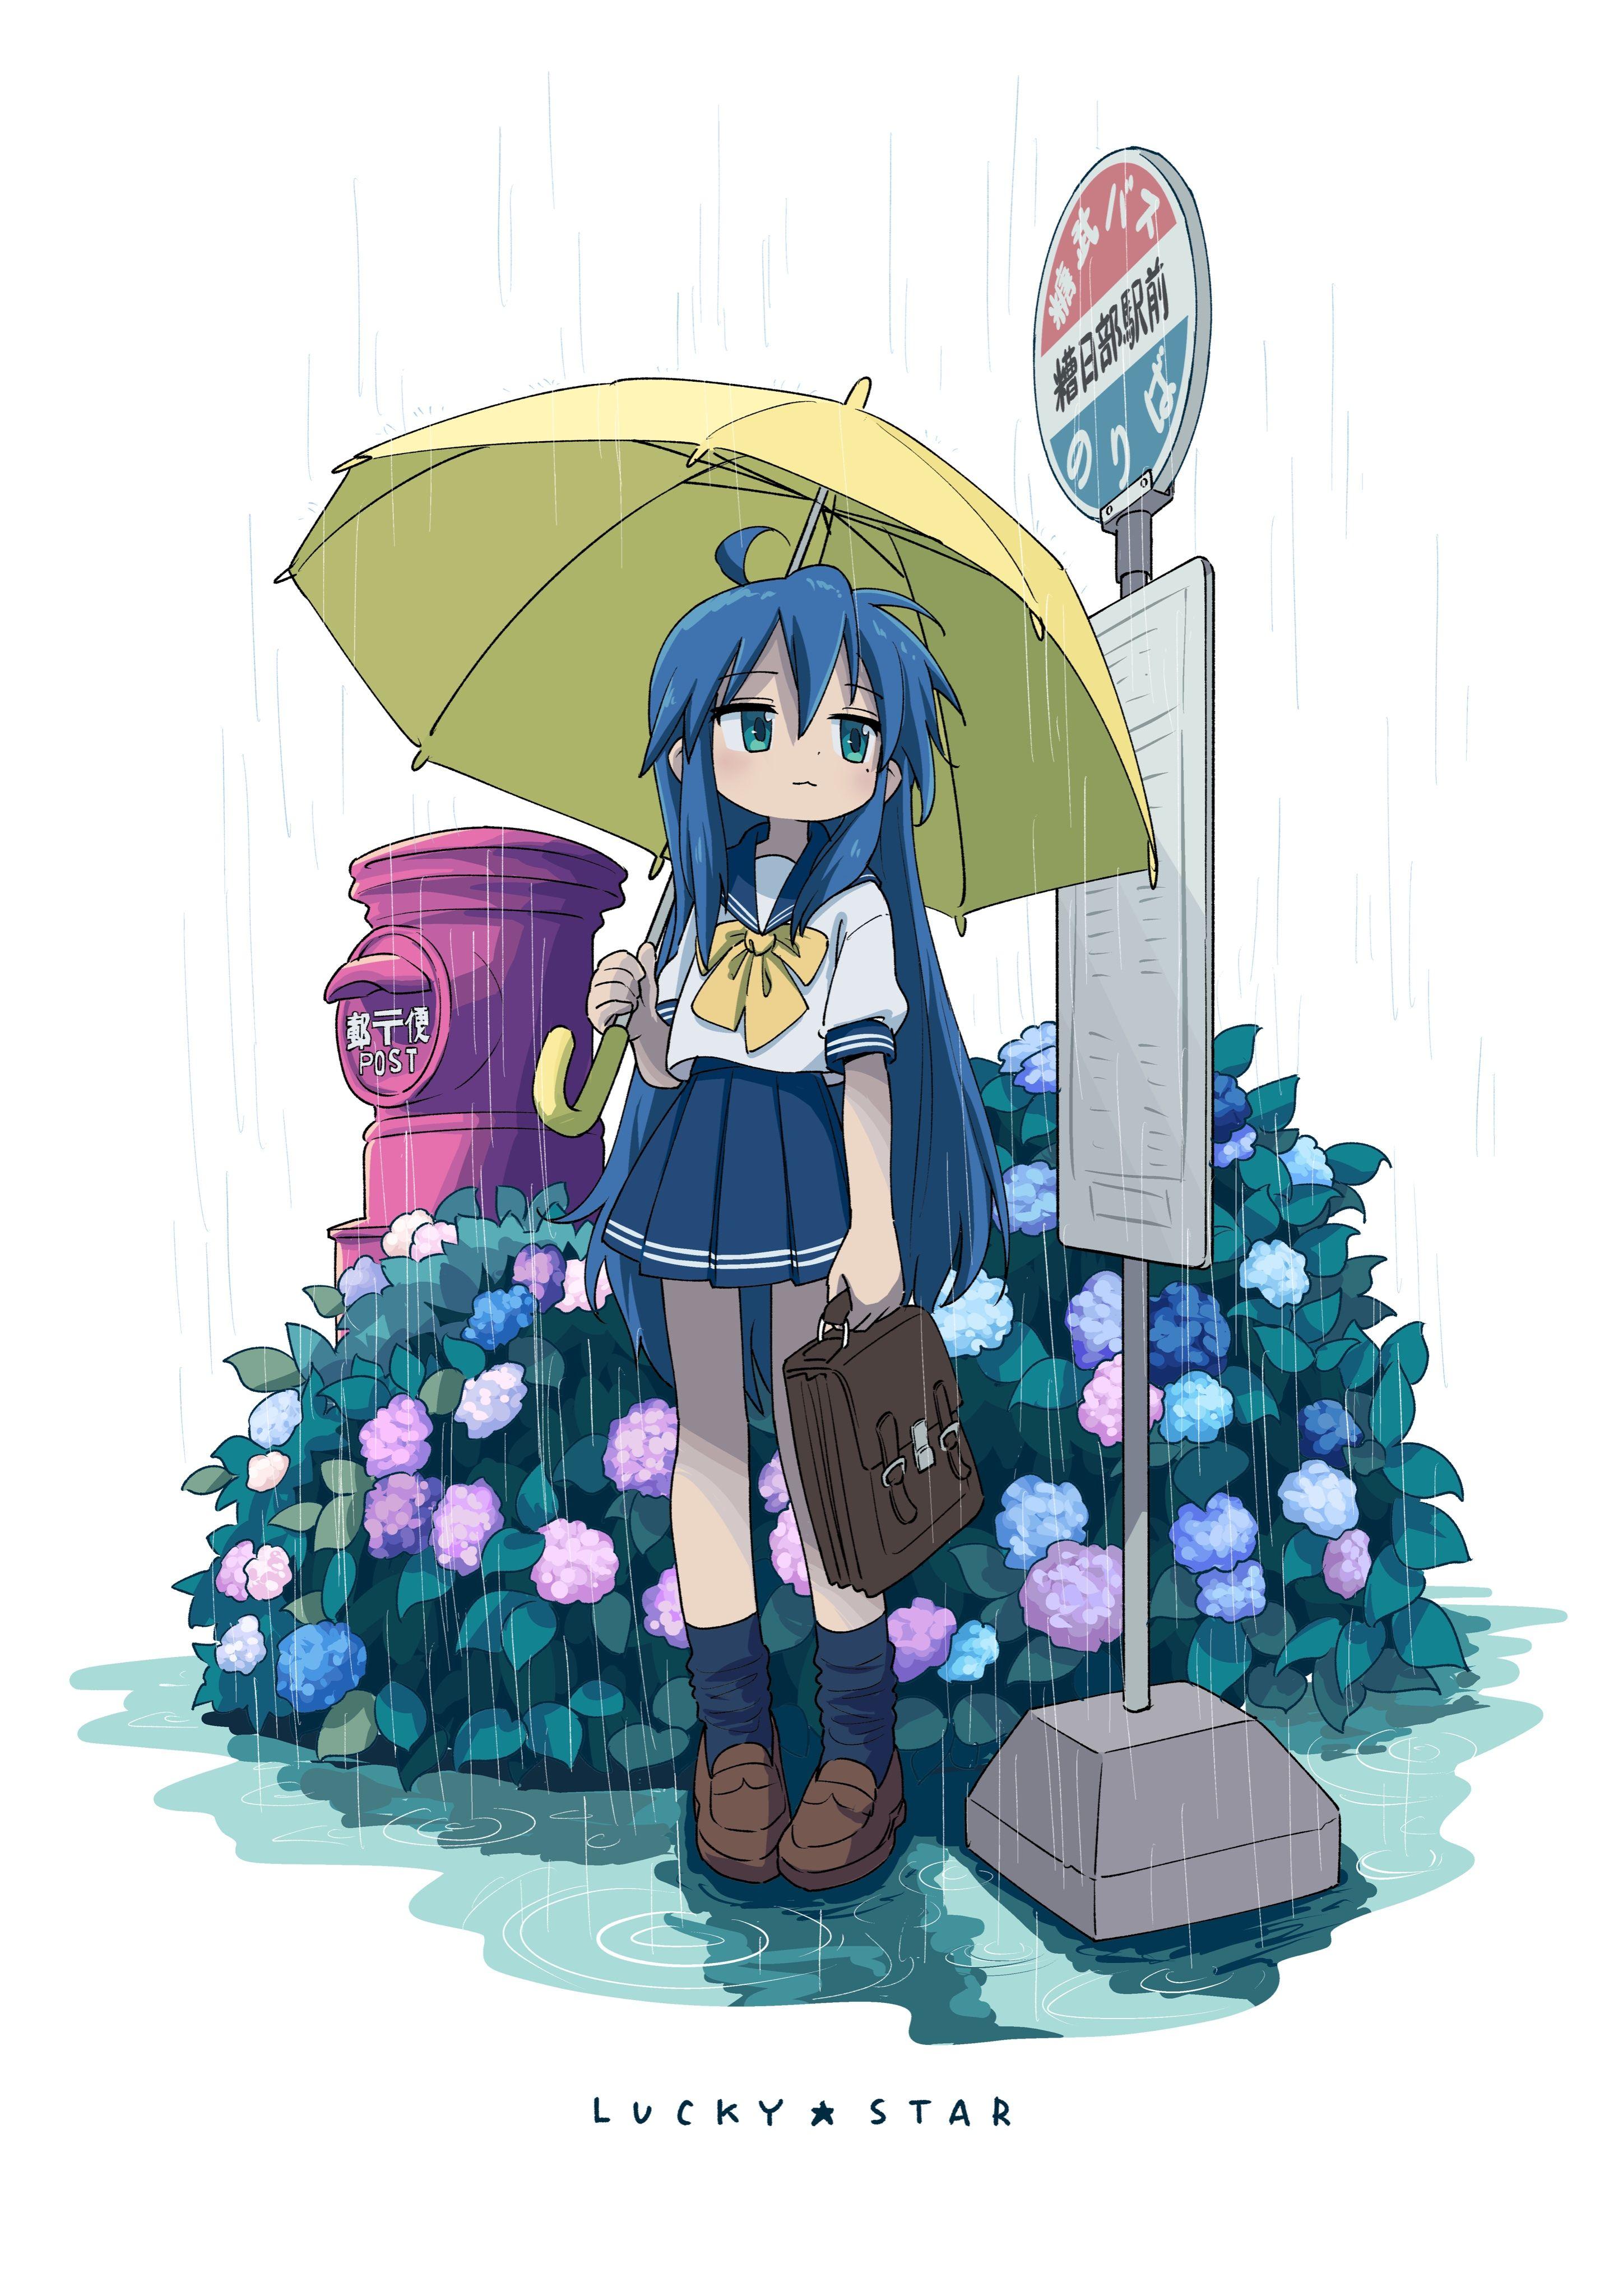 中森煙 on Twitter in 2020 Lucky star, Anime, Rainy day